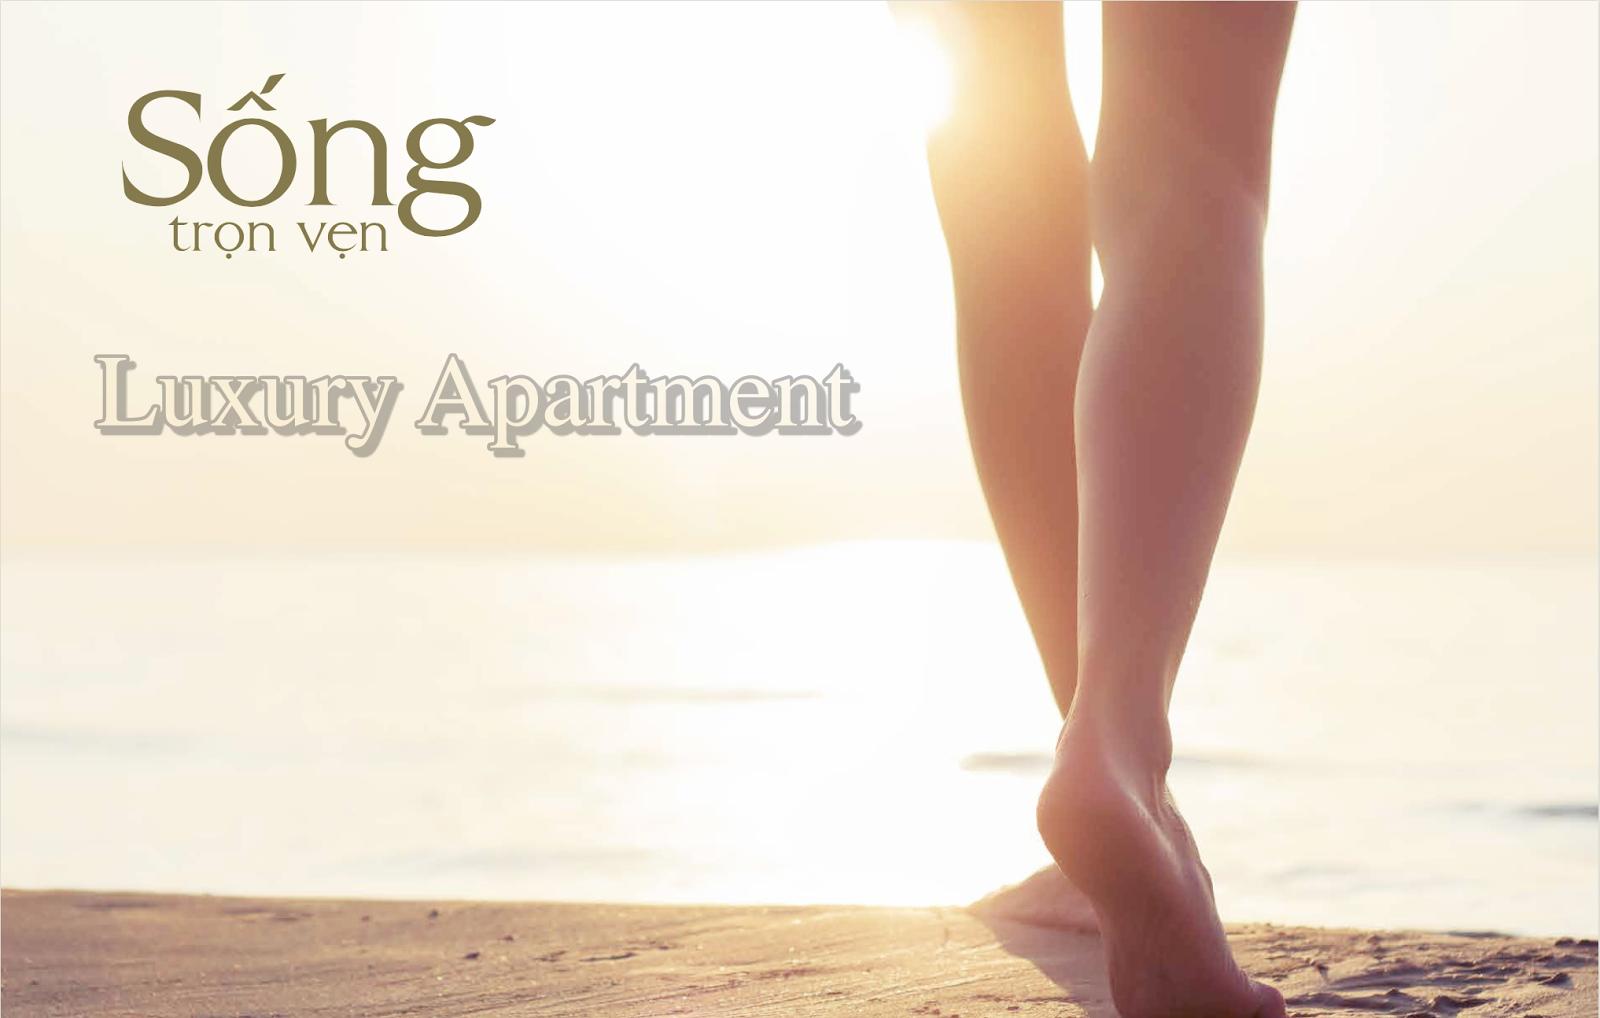 Tận hưởng cuộc sống tại Luxury Apartment